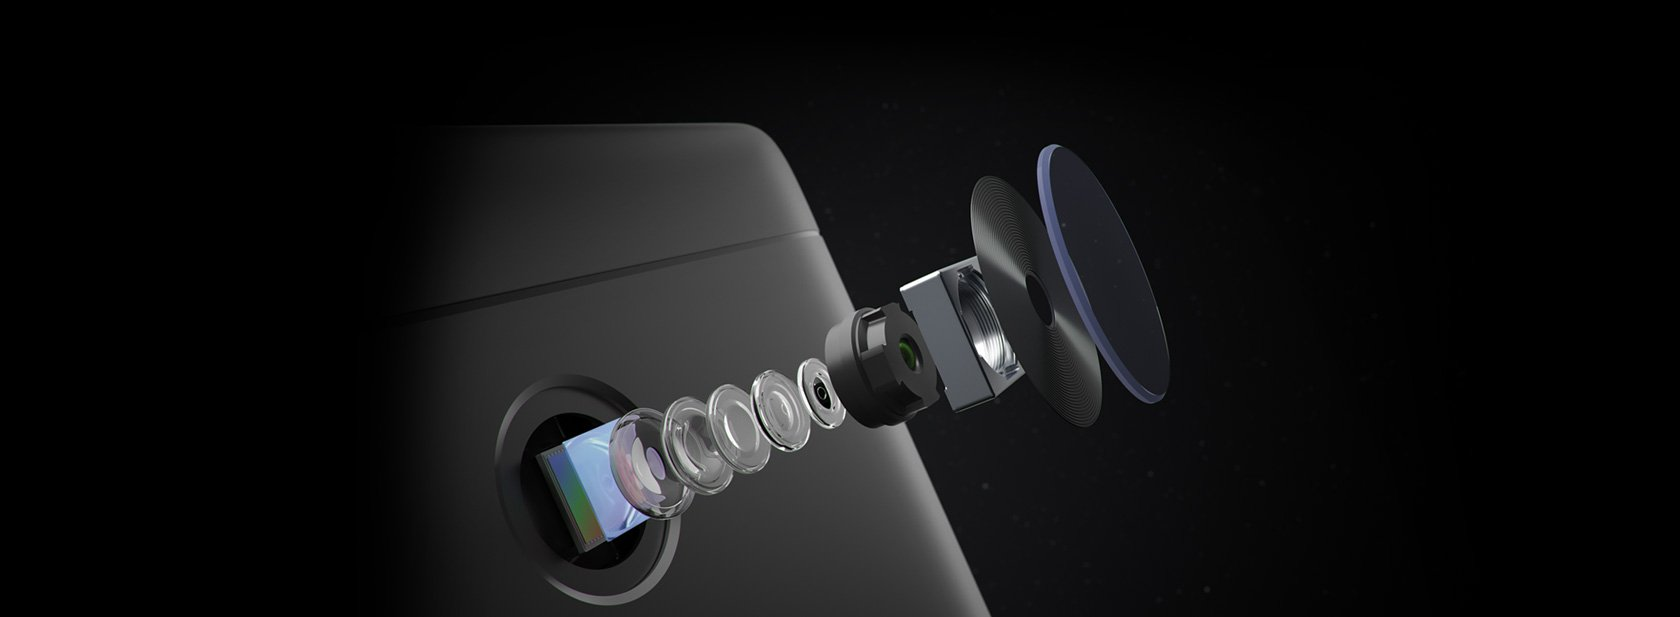 Cámara de 13MP CMOS impresionante hasta con poca luz Redmi Note 4 usa un sensor CMOS de eliminación de ruido con iluminación posterior (BSI) y mayores píxeles para darte imágenes impresionantes aún con poca luz. También está provisto de Autoenfoque de Detección de Fases (PDAF) para un enfoque ultra rápido de 0,1s, especialmente útil para grabar objetos en movimiento.